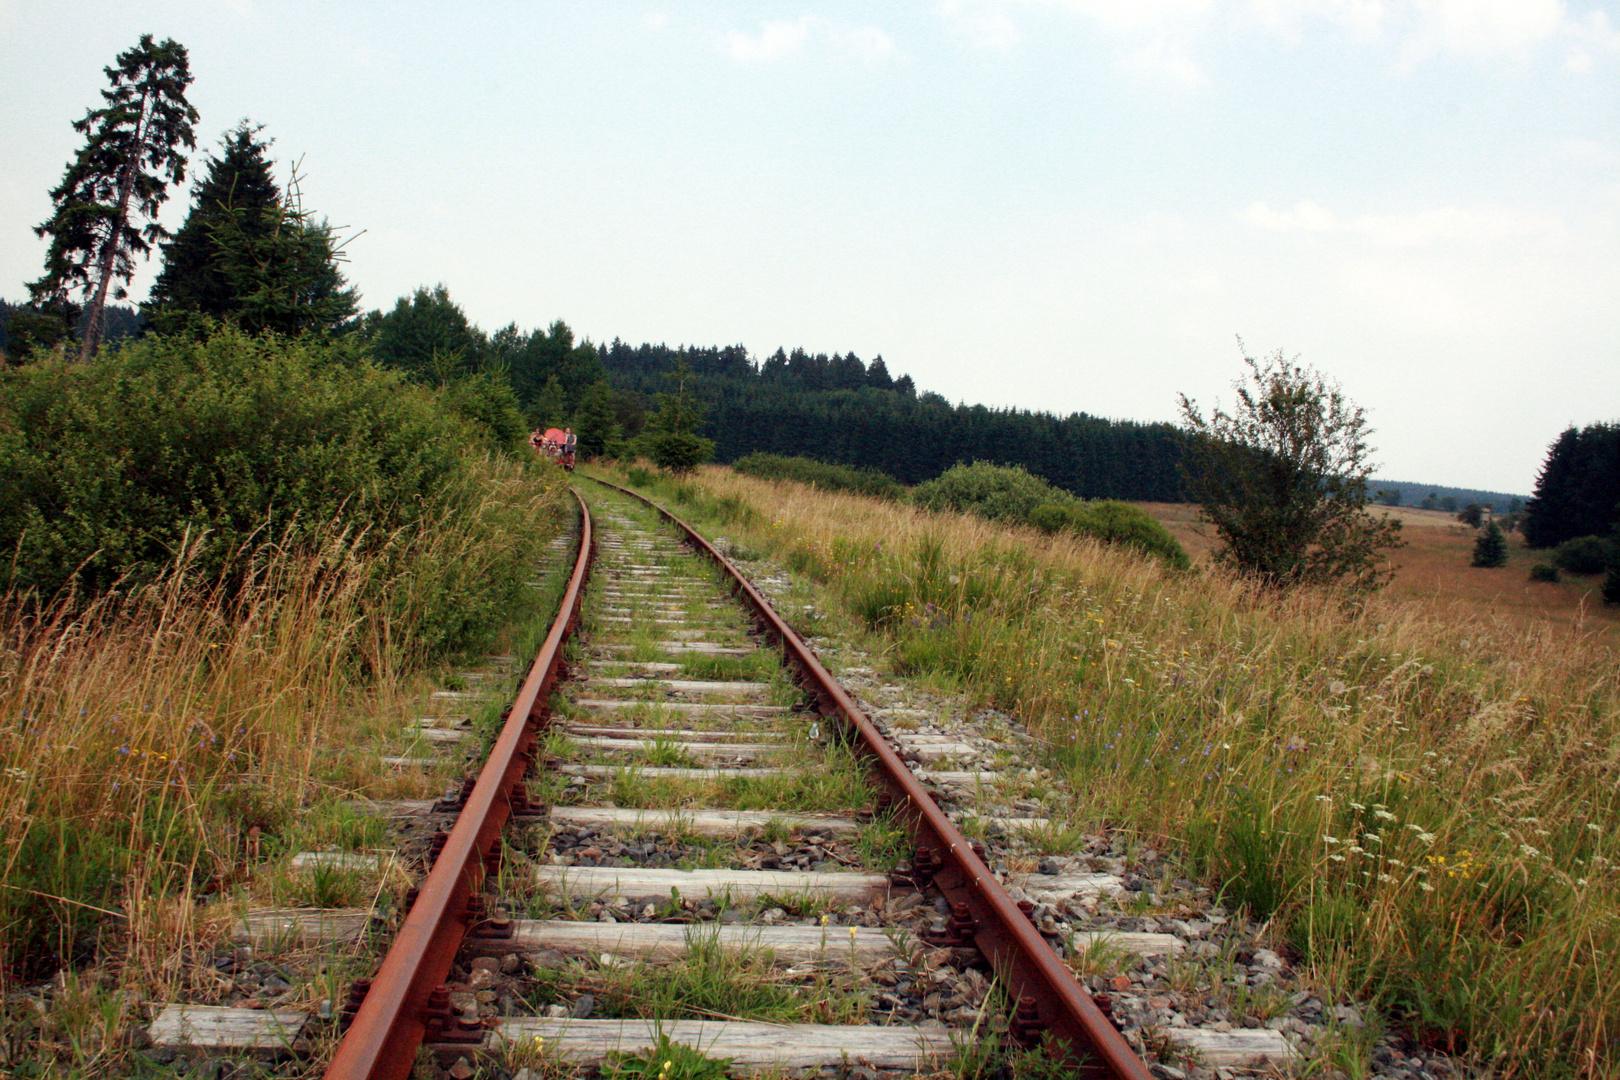 GELÖST - Draisinenfahrt auf der Vennbahn von Kalterherberg nach Sourbrodt